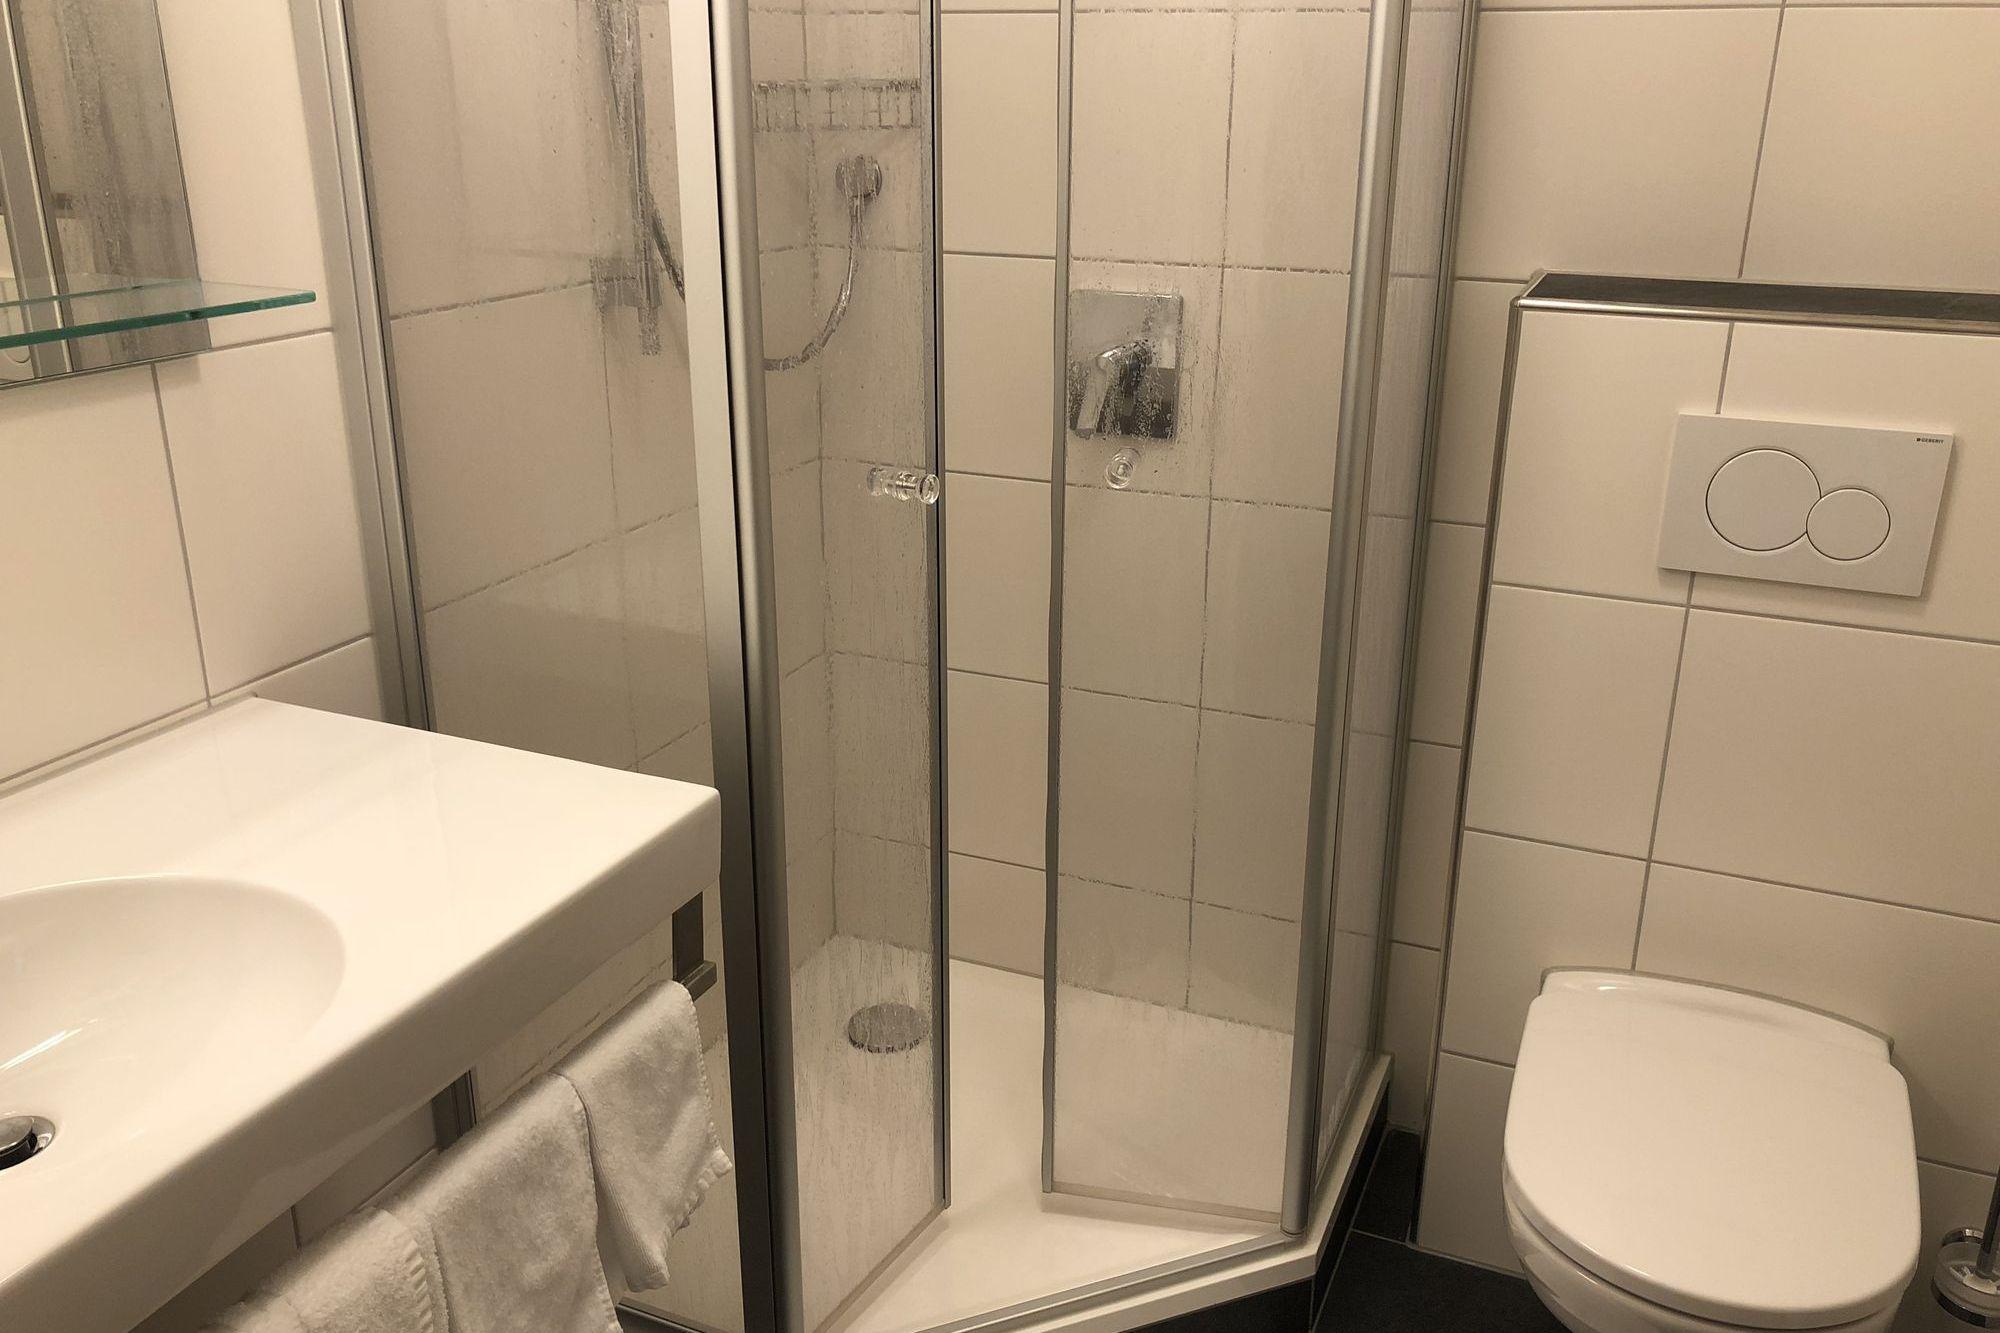 https://www.hotelbinder.de/wp-content/uploads/doppelzimmer2_6.jpg